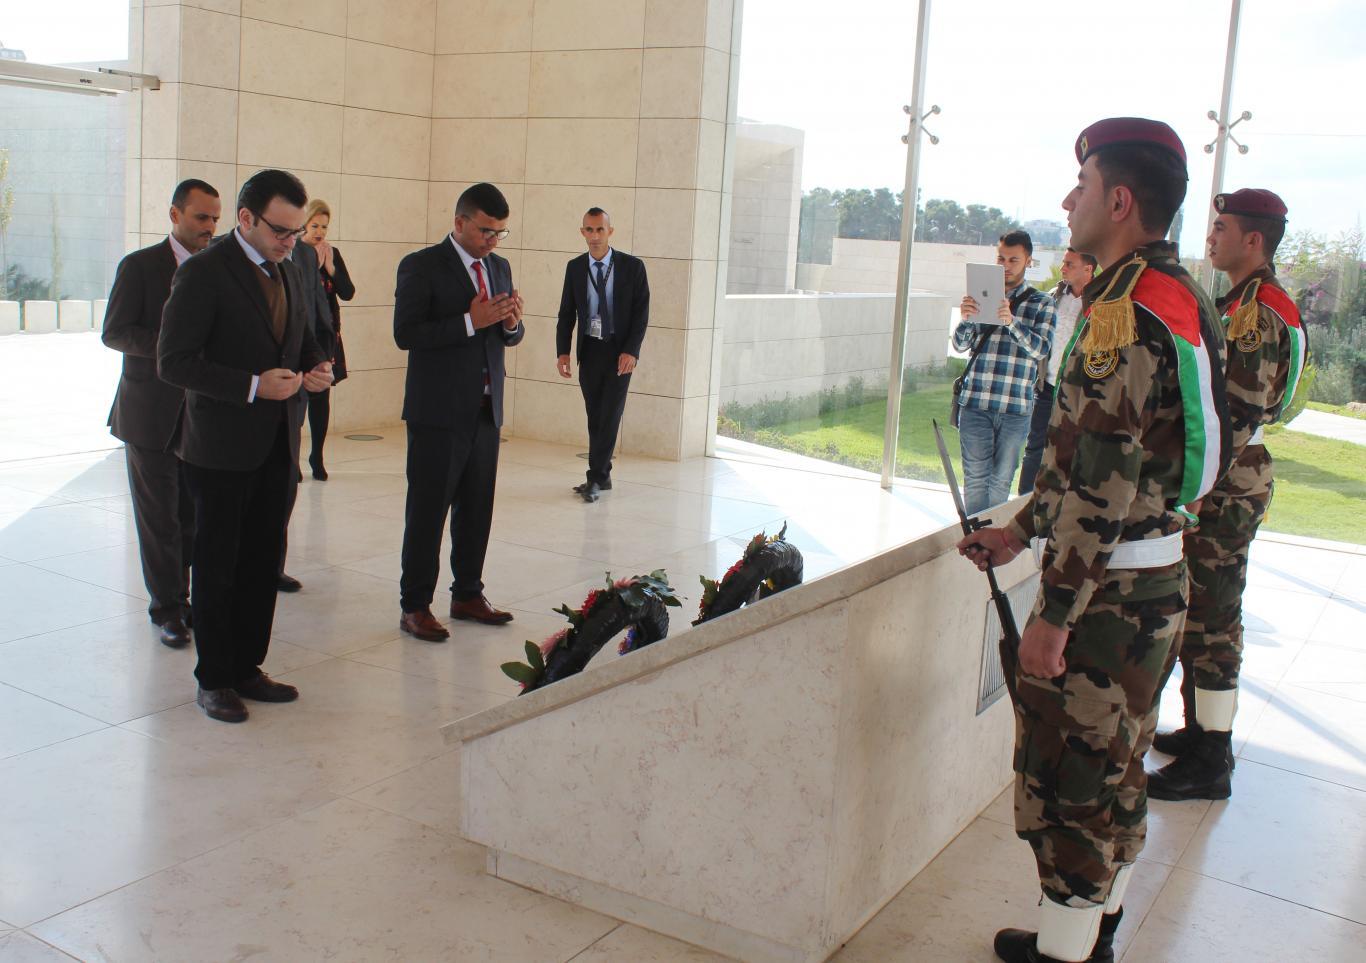 زيارة ضريح الشهيد الرئيس ياسر عرفات